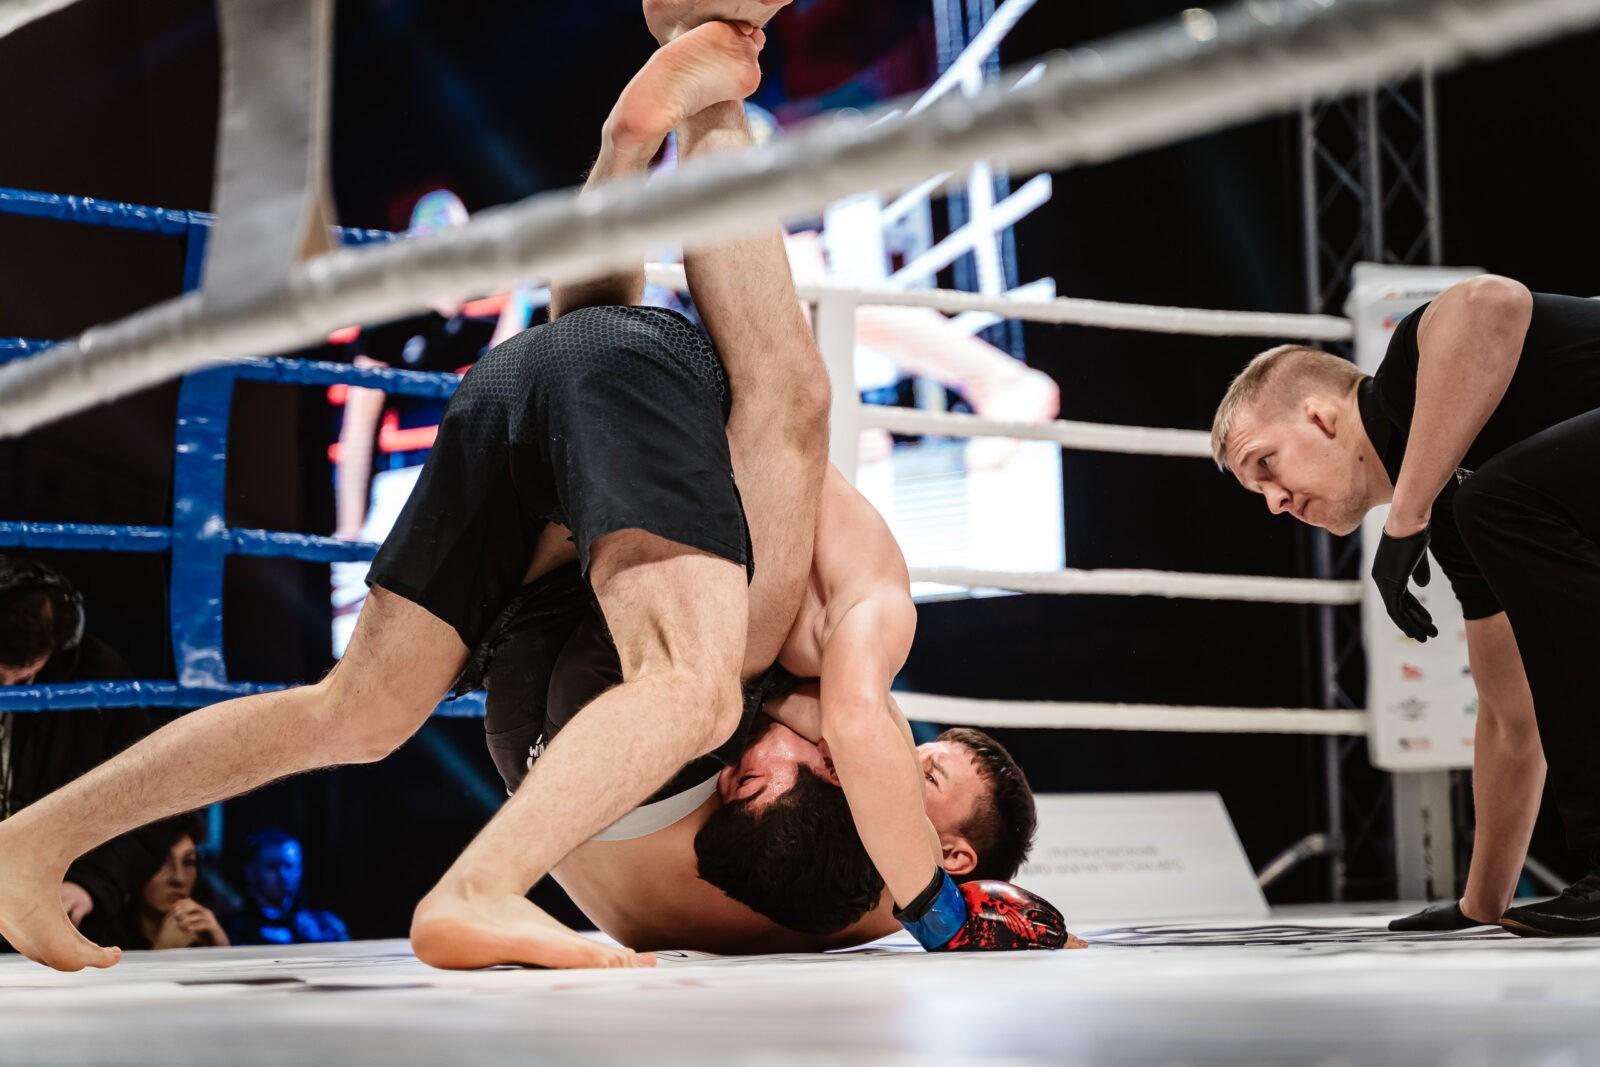 Фоторепортаж Тверьлайф: лучшие моменты чемпионата по кикбоксингу